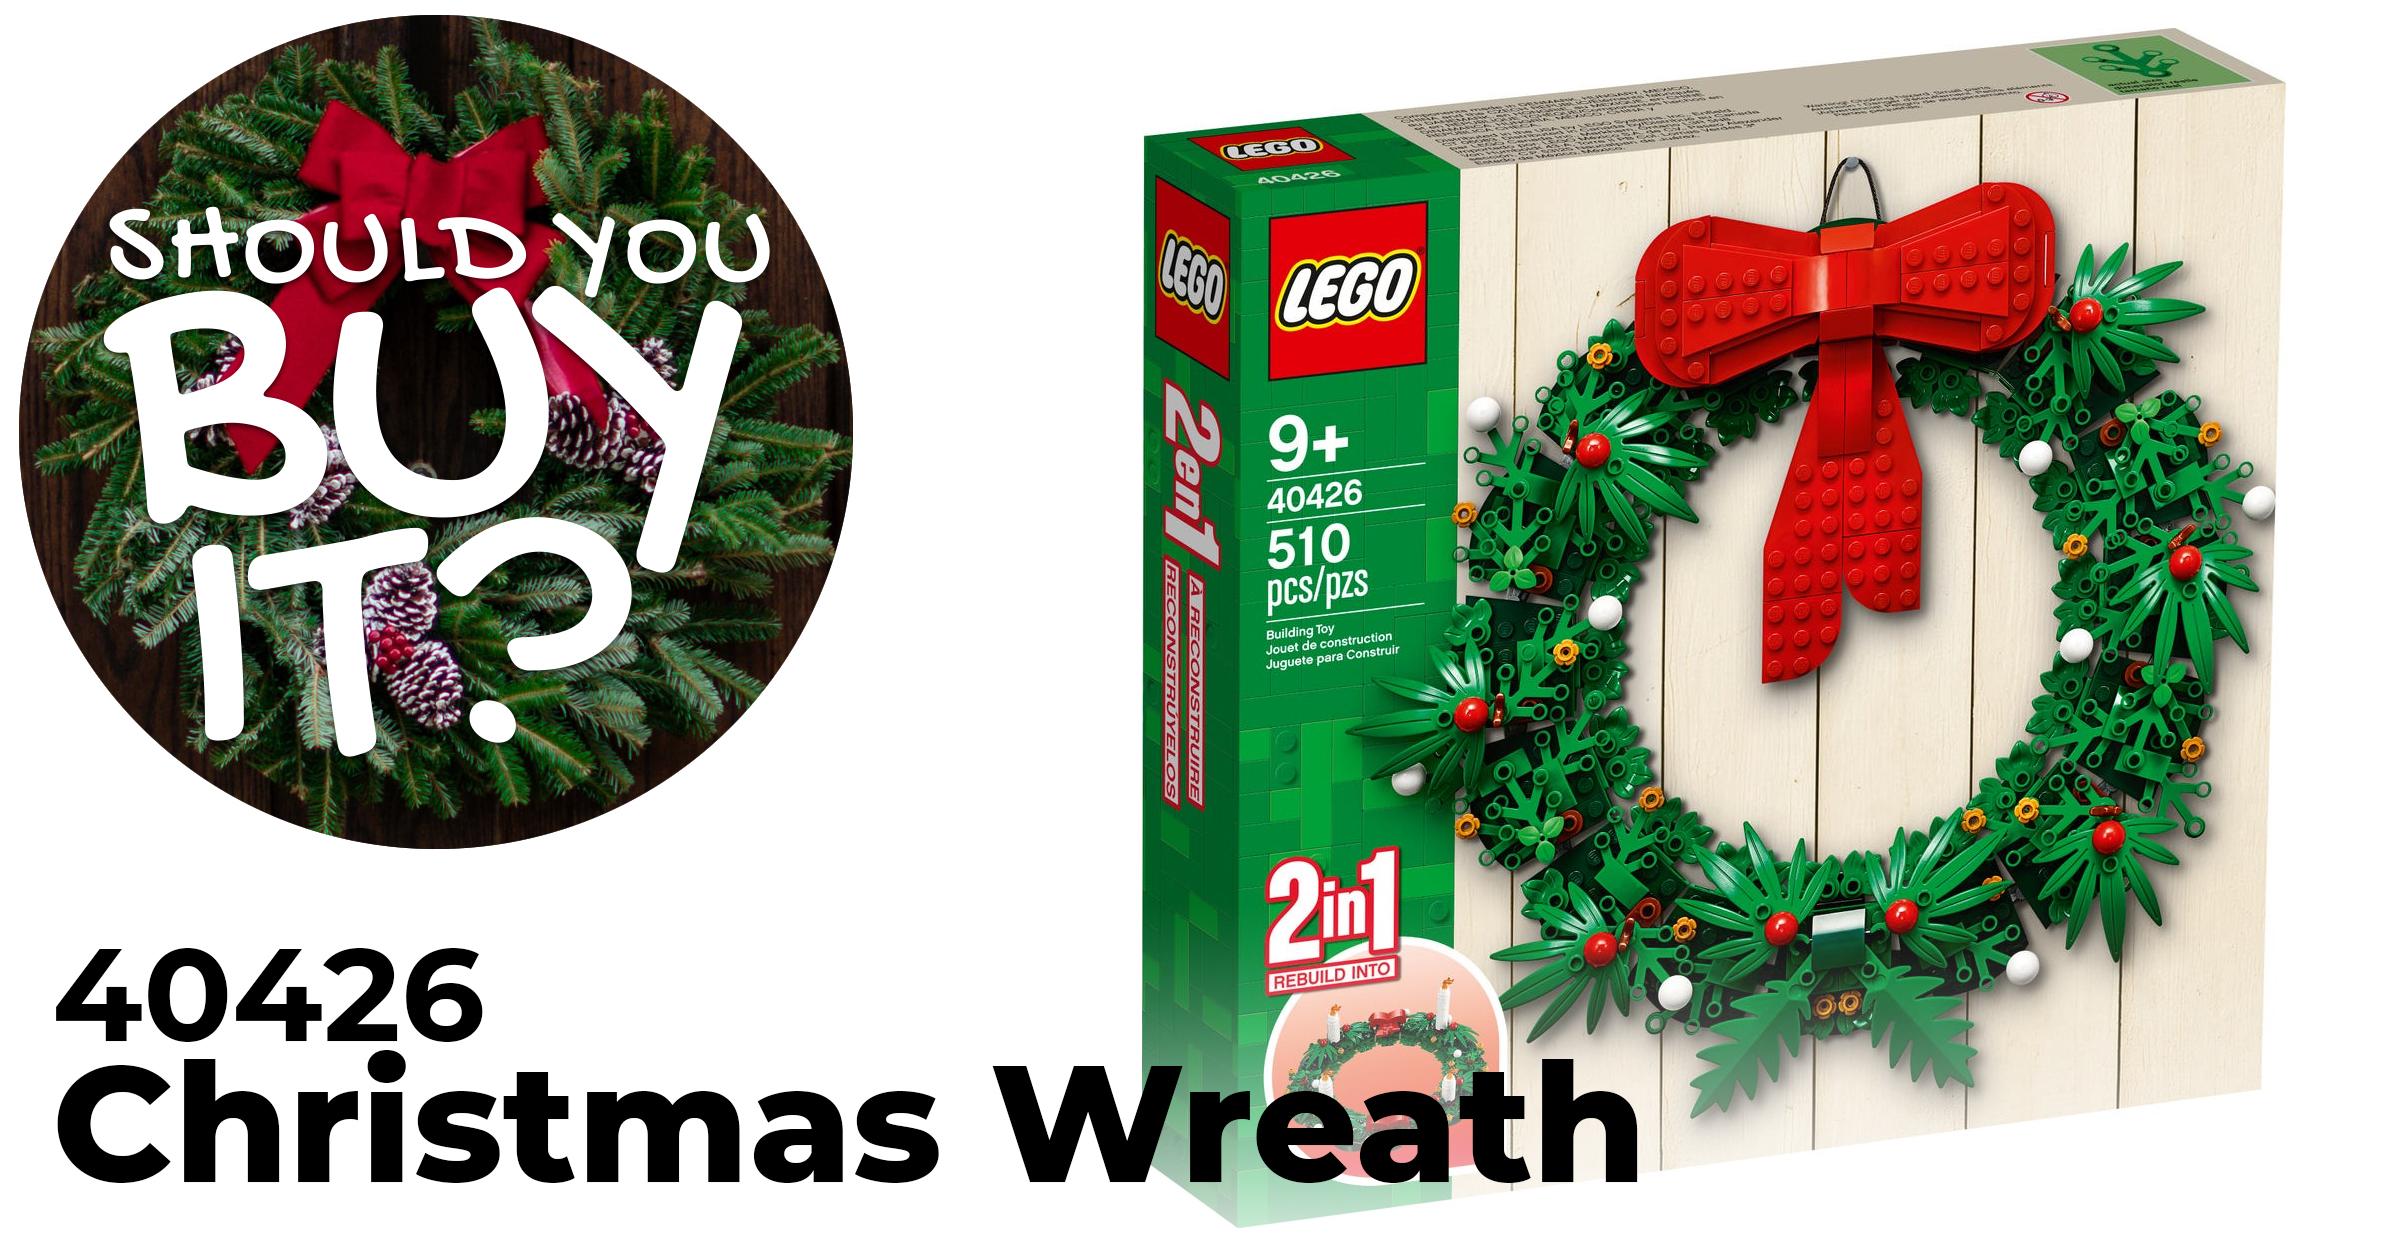 sybi-christmas-wreath